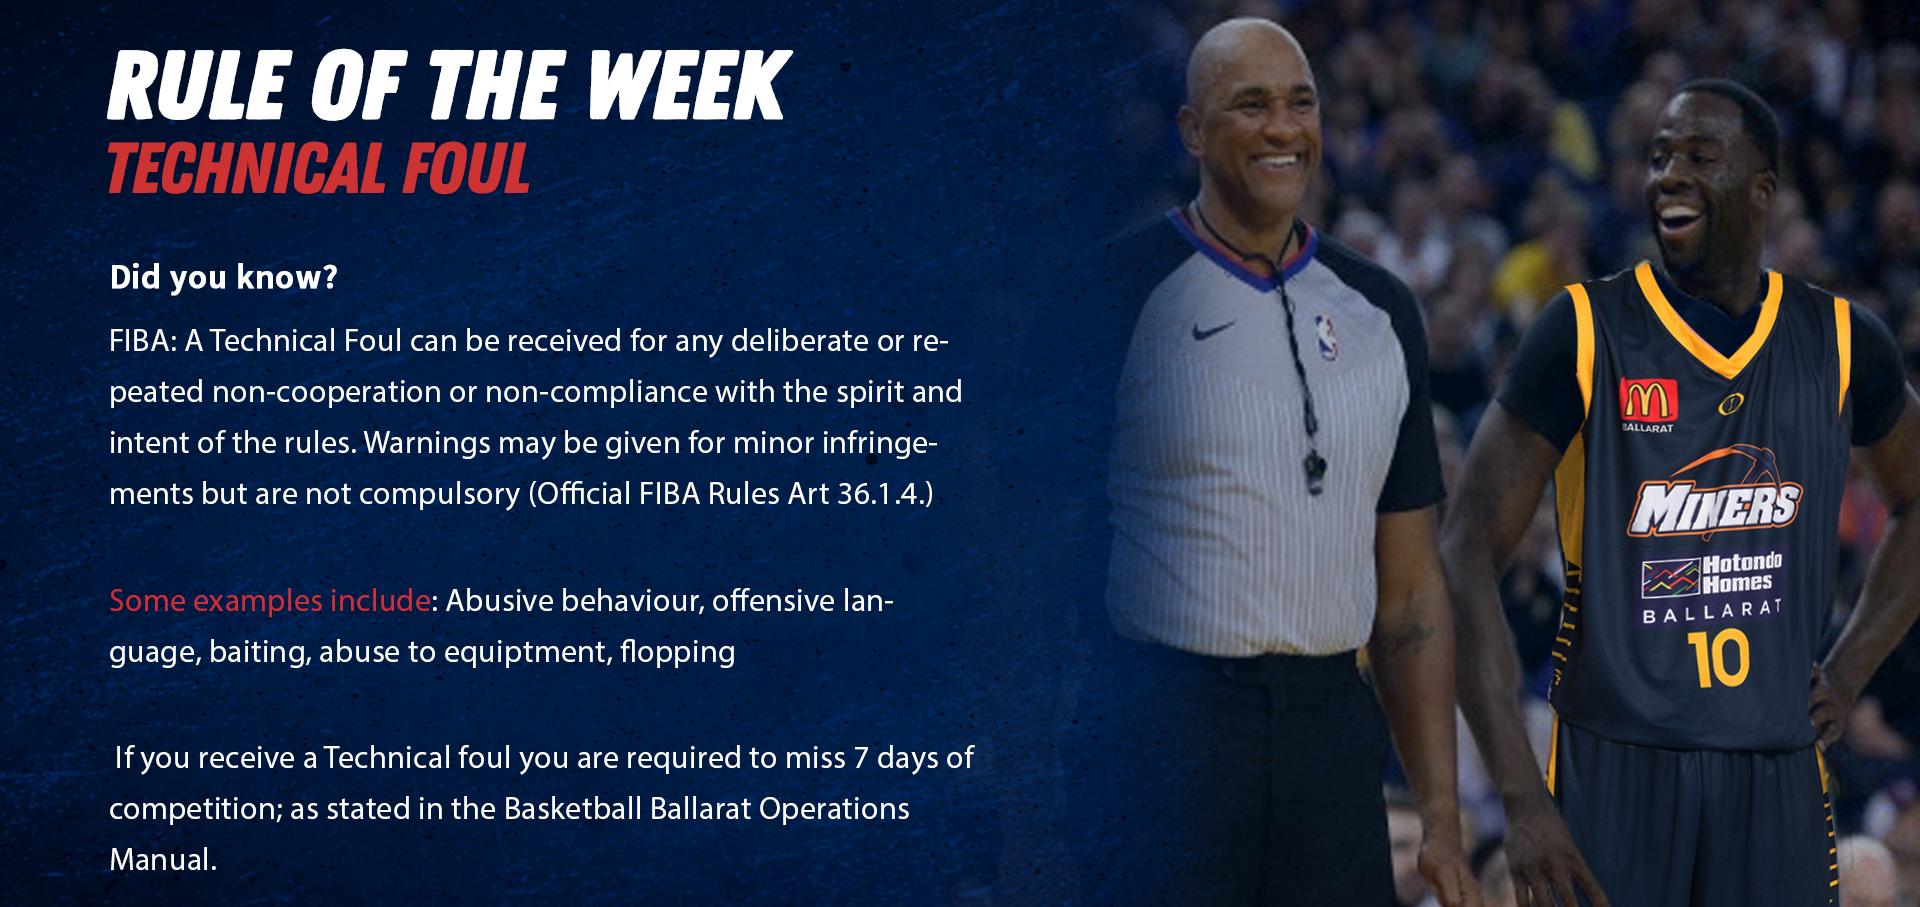 Rule of the week image website